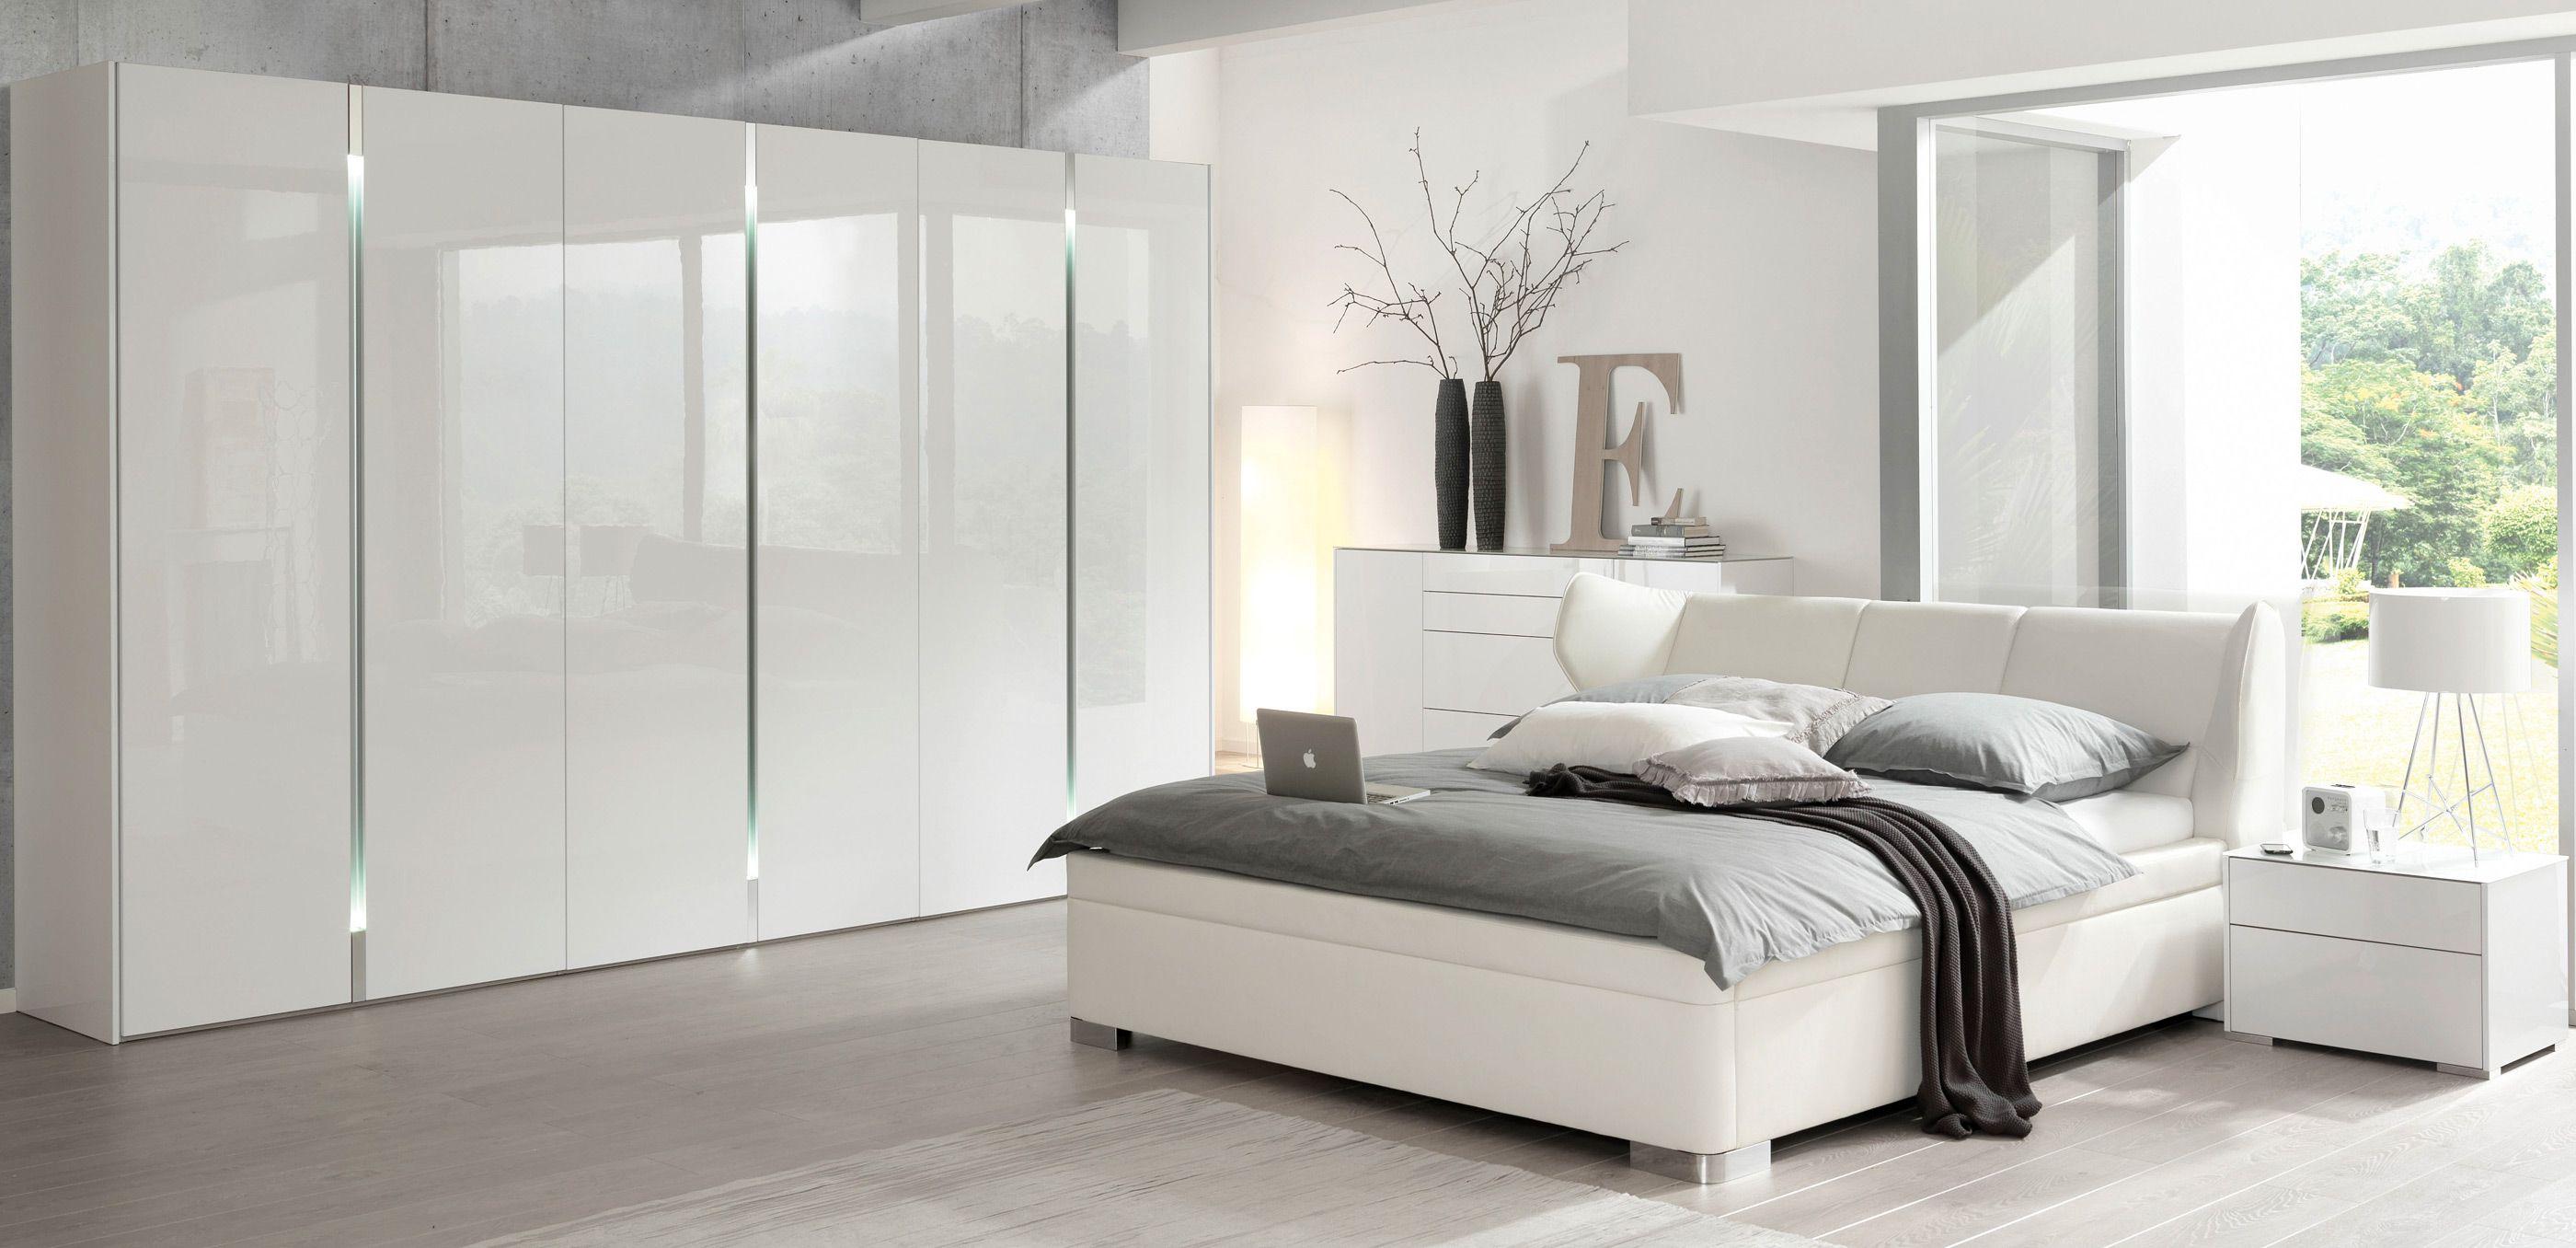 schlafzimmer komplett weiß hochglanz haus ideen innenarchitektur - Komplett Schlafzimmer Weiß